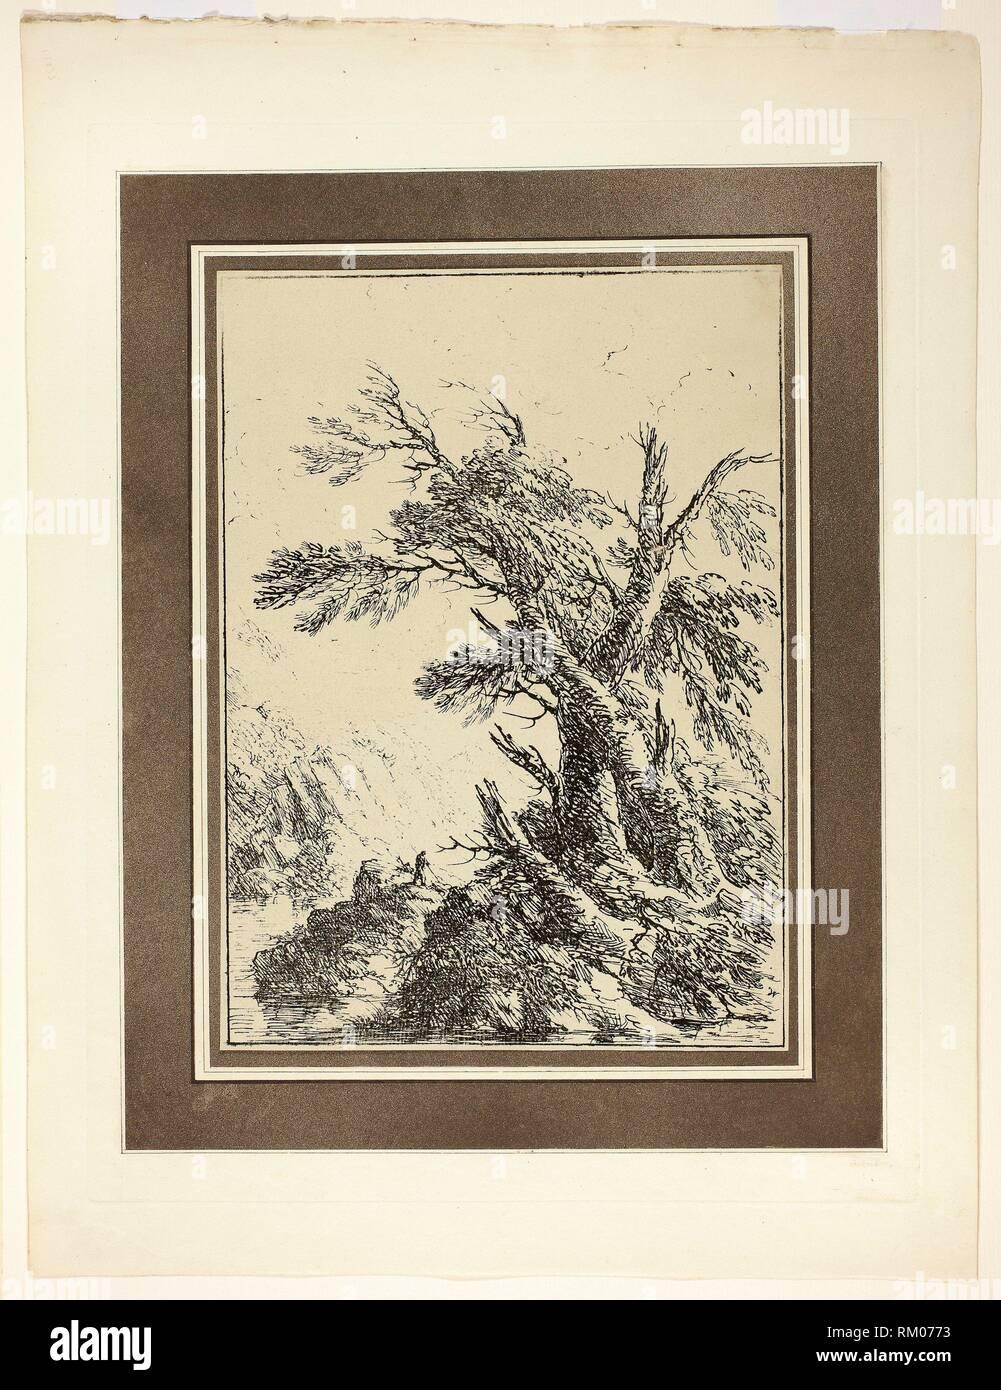 22f2b53d0a Paesaggio con alberi secolari e da acqua, dal primo numero di esemplari di  Polyautography -